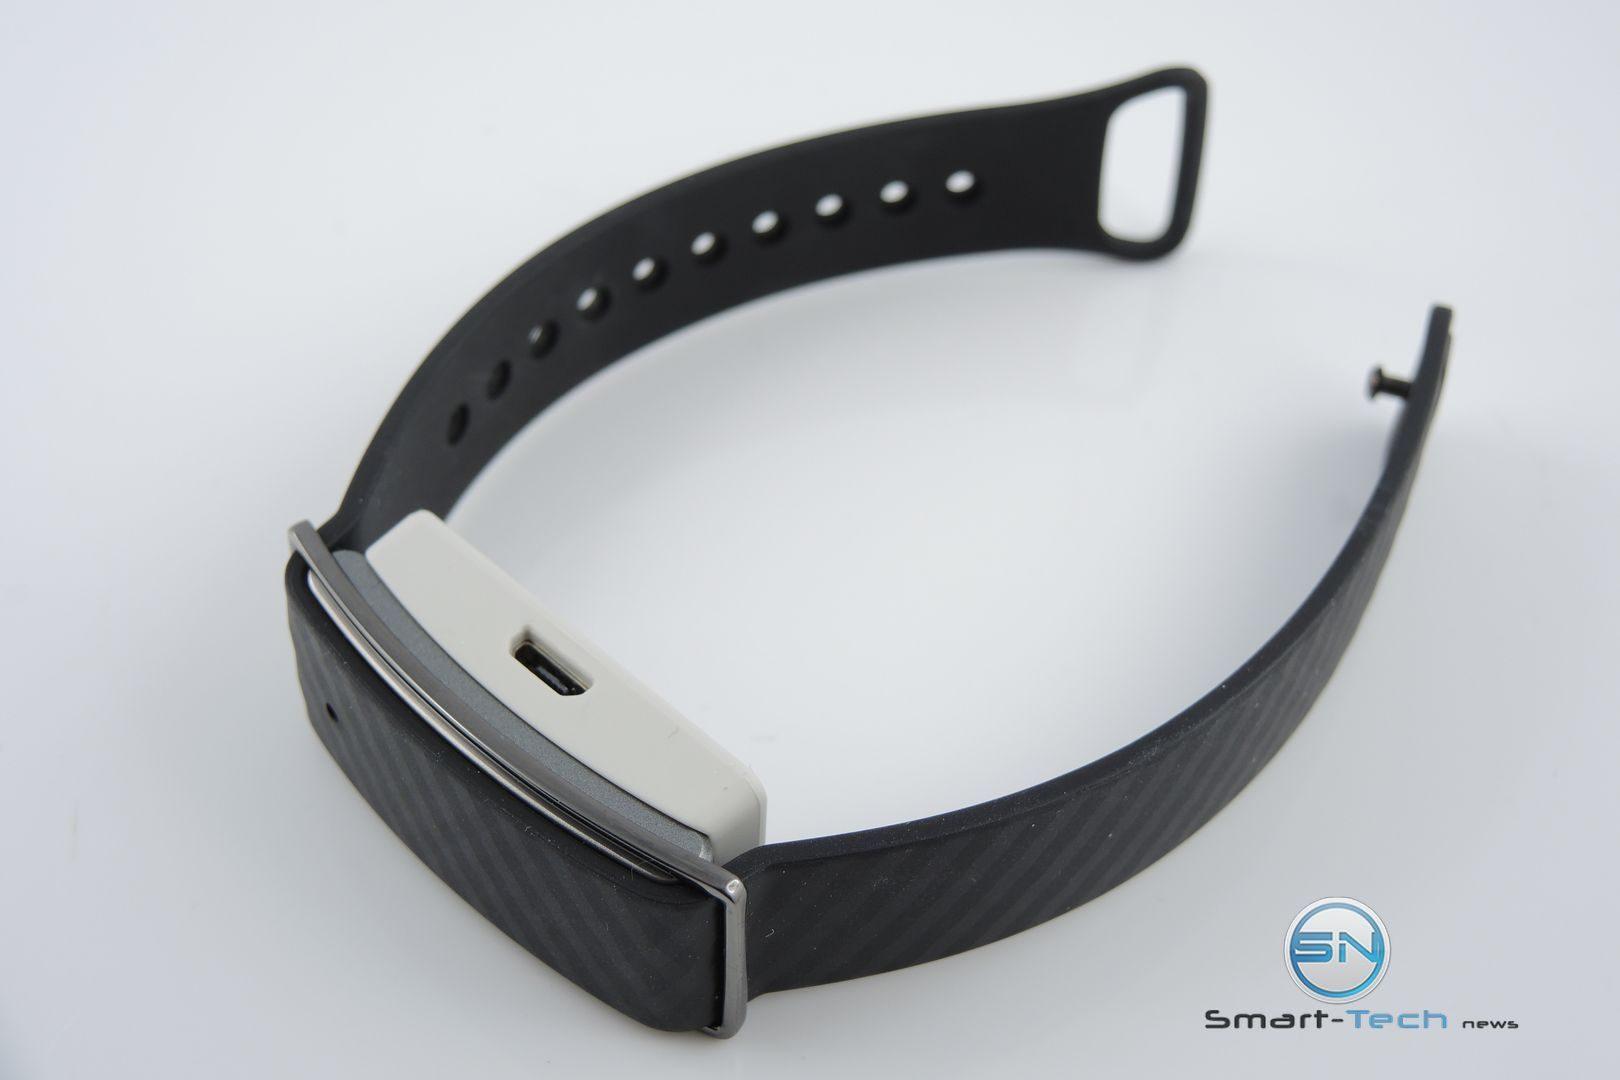 ladeschale-1-huawei-colorband-smarttechnews